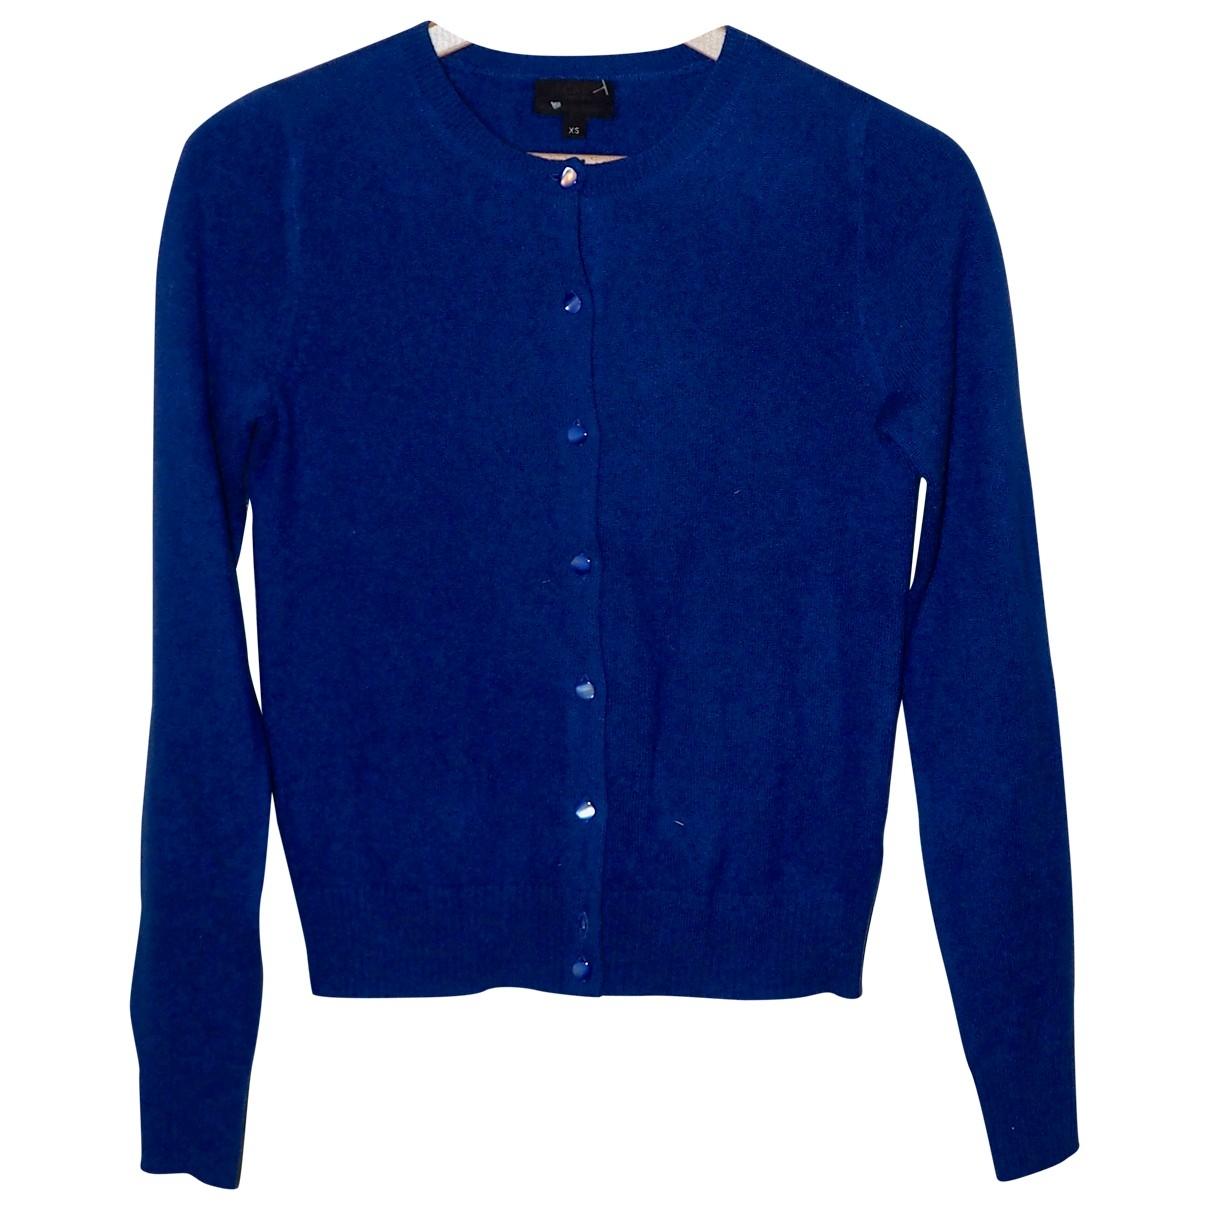 J.crew \N Blue Cashmere Knitwear for Women XS International